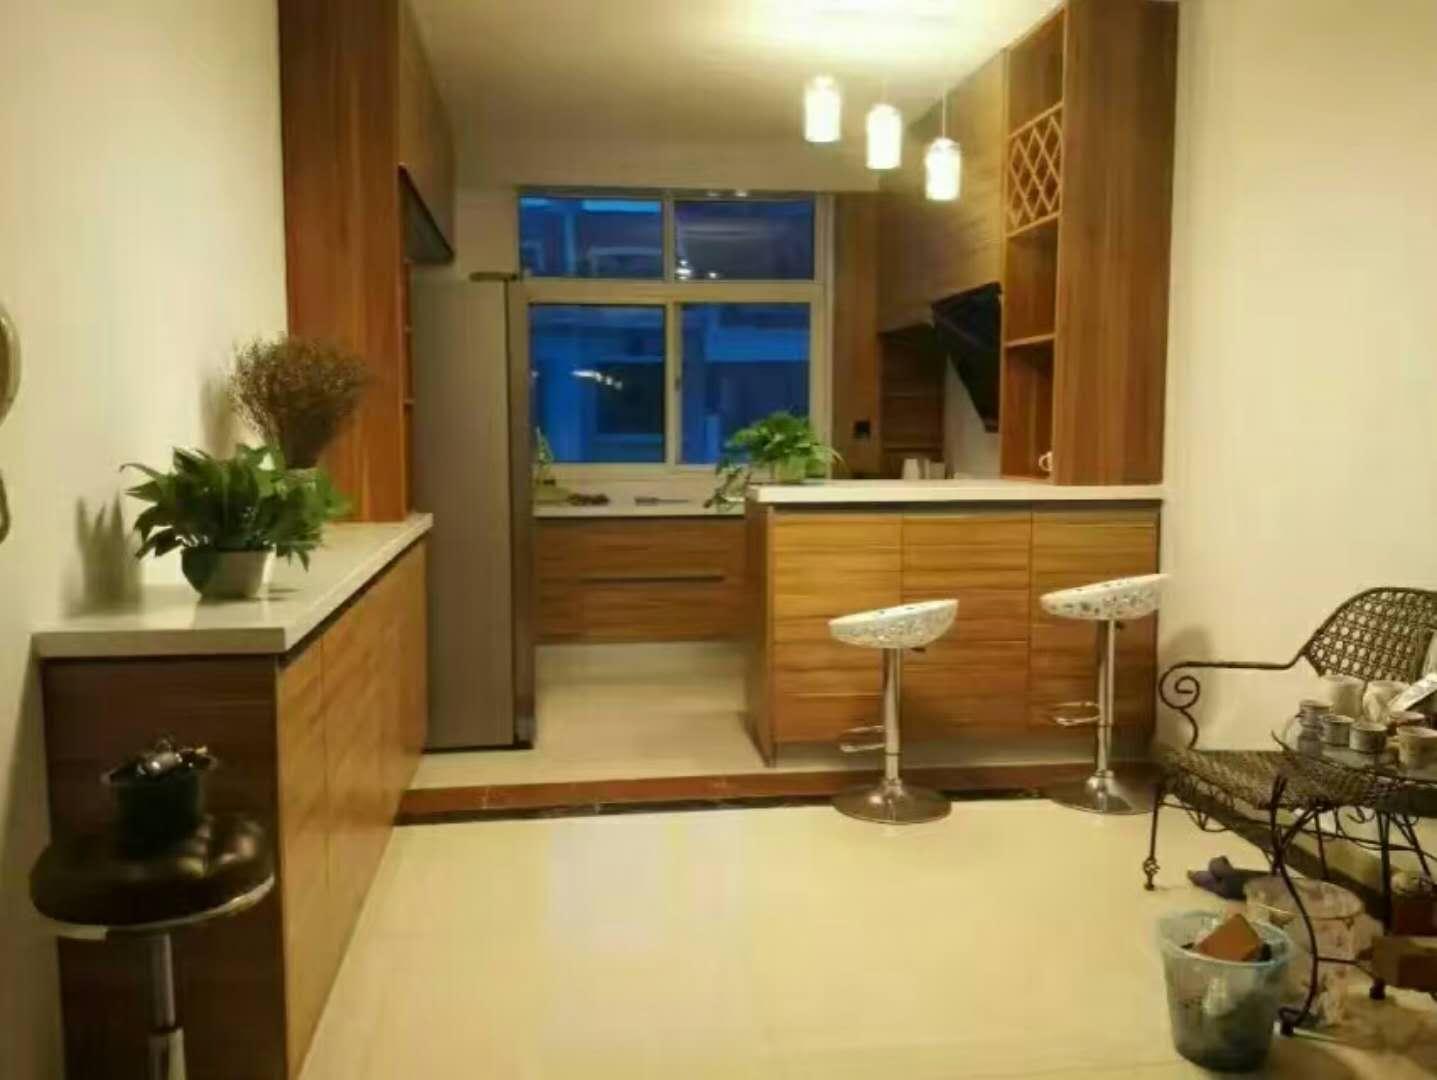 日照整体厨房